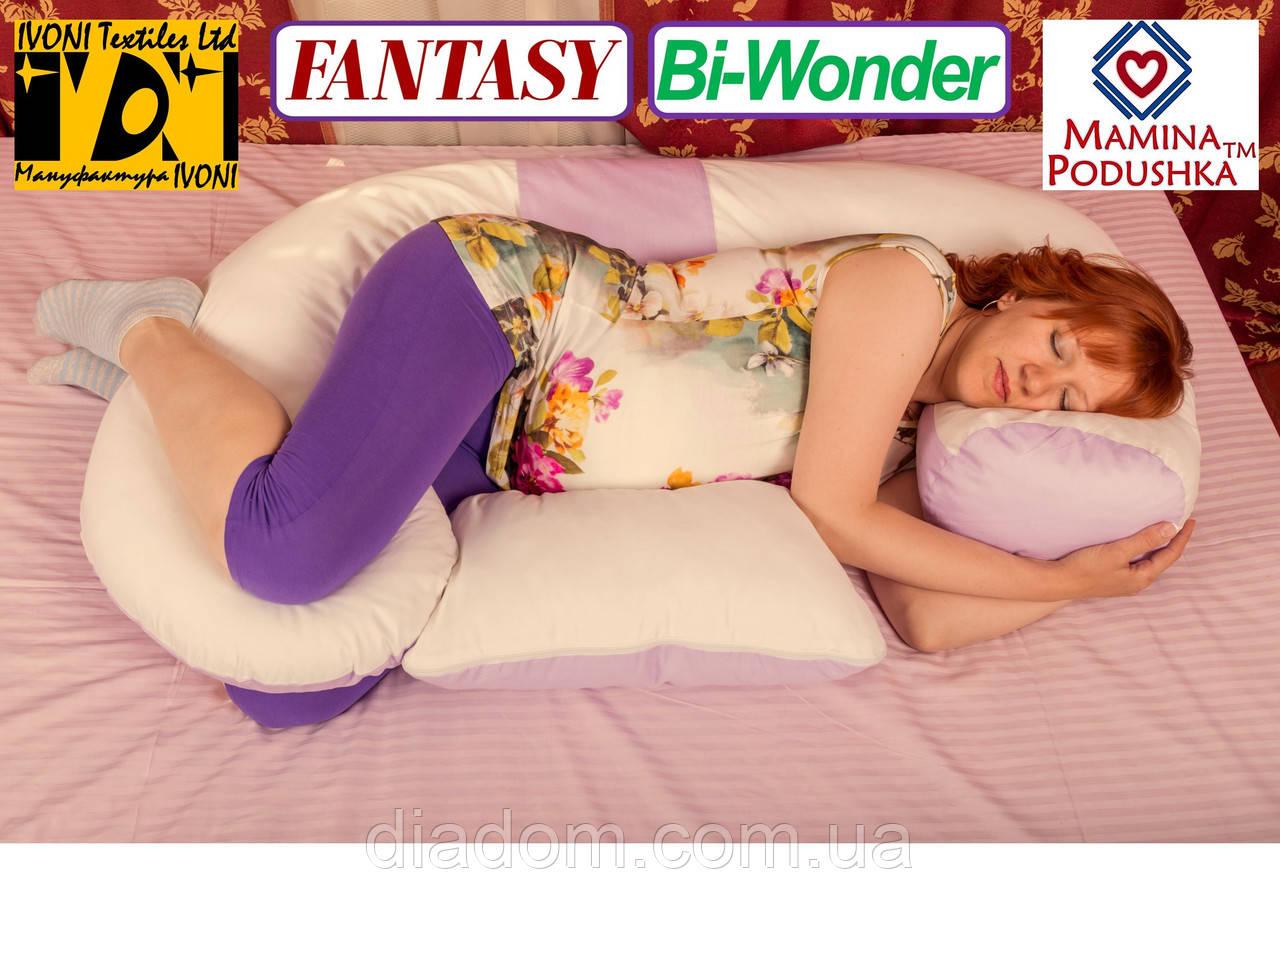 Подушка для беременных Fantasy Bi-Wonder, Наволочка (на выбор) входит в комплект, фото 1